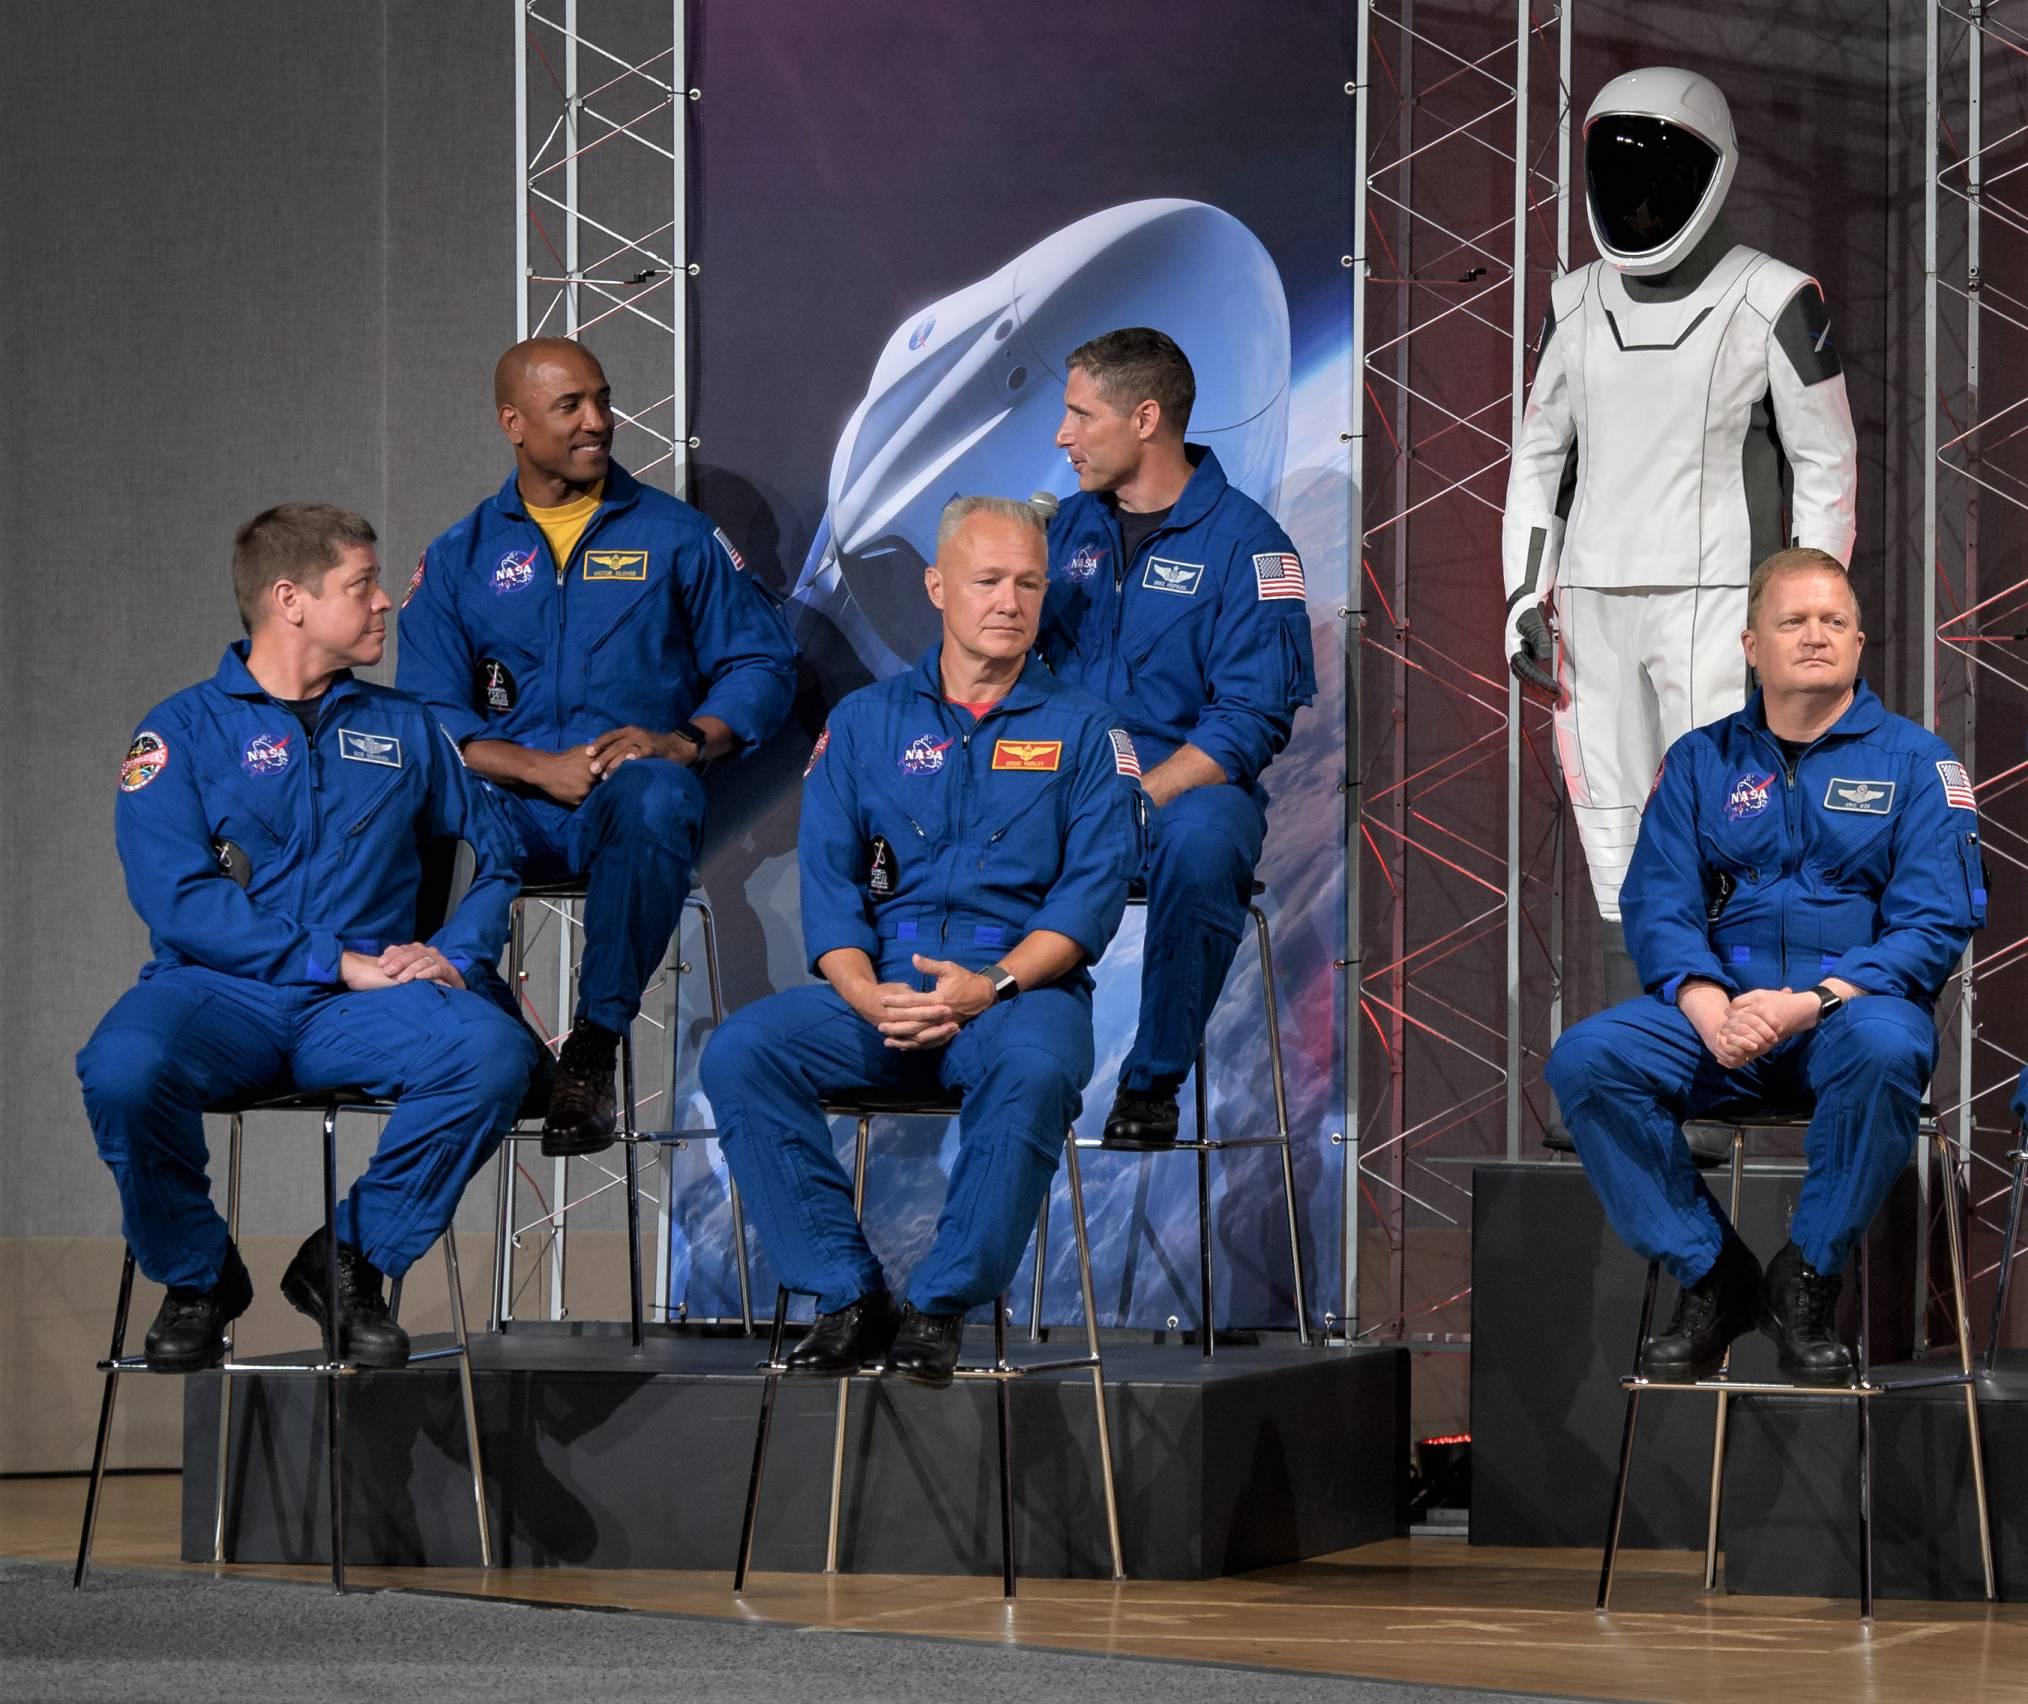 SpaceX spacesuit on display 080318 (NASA) 2(c)